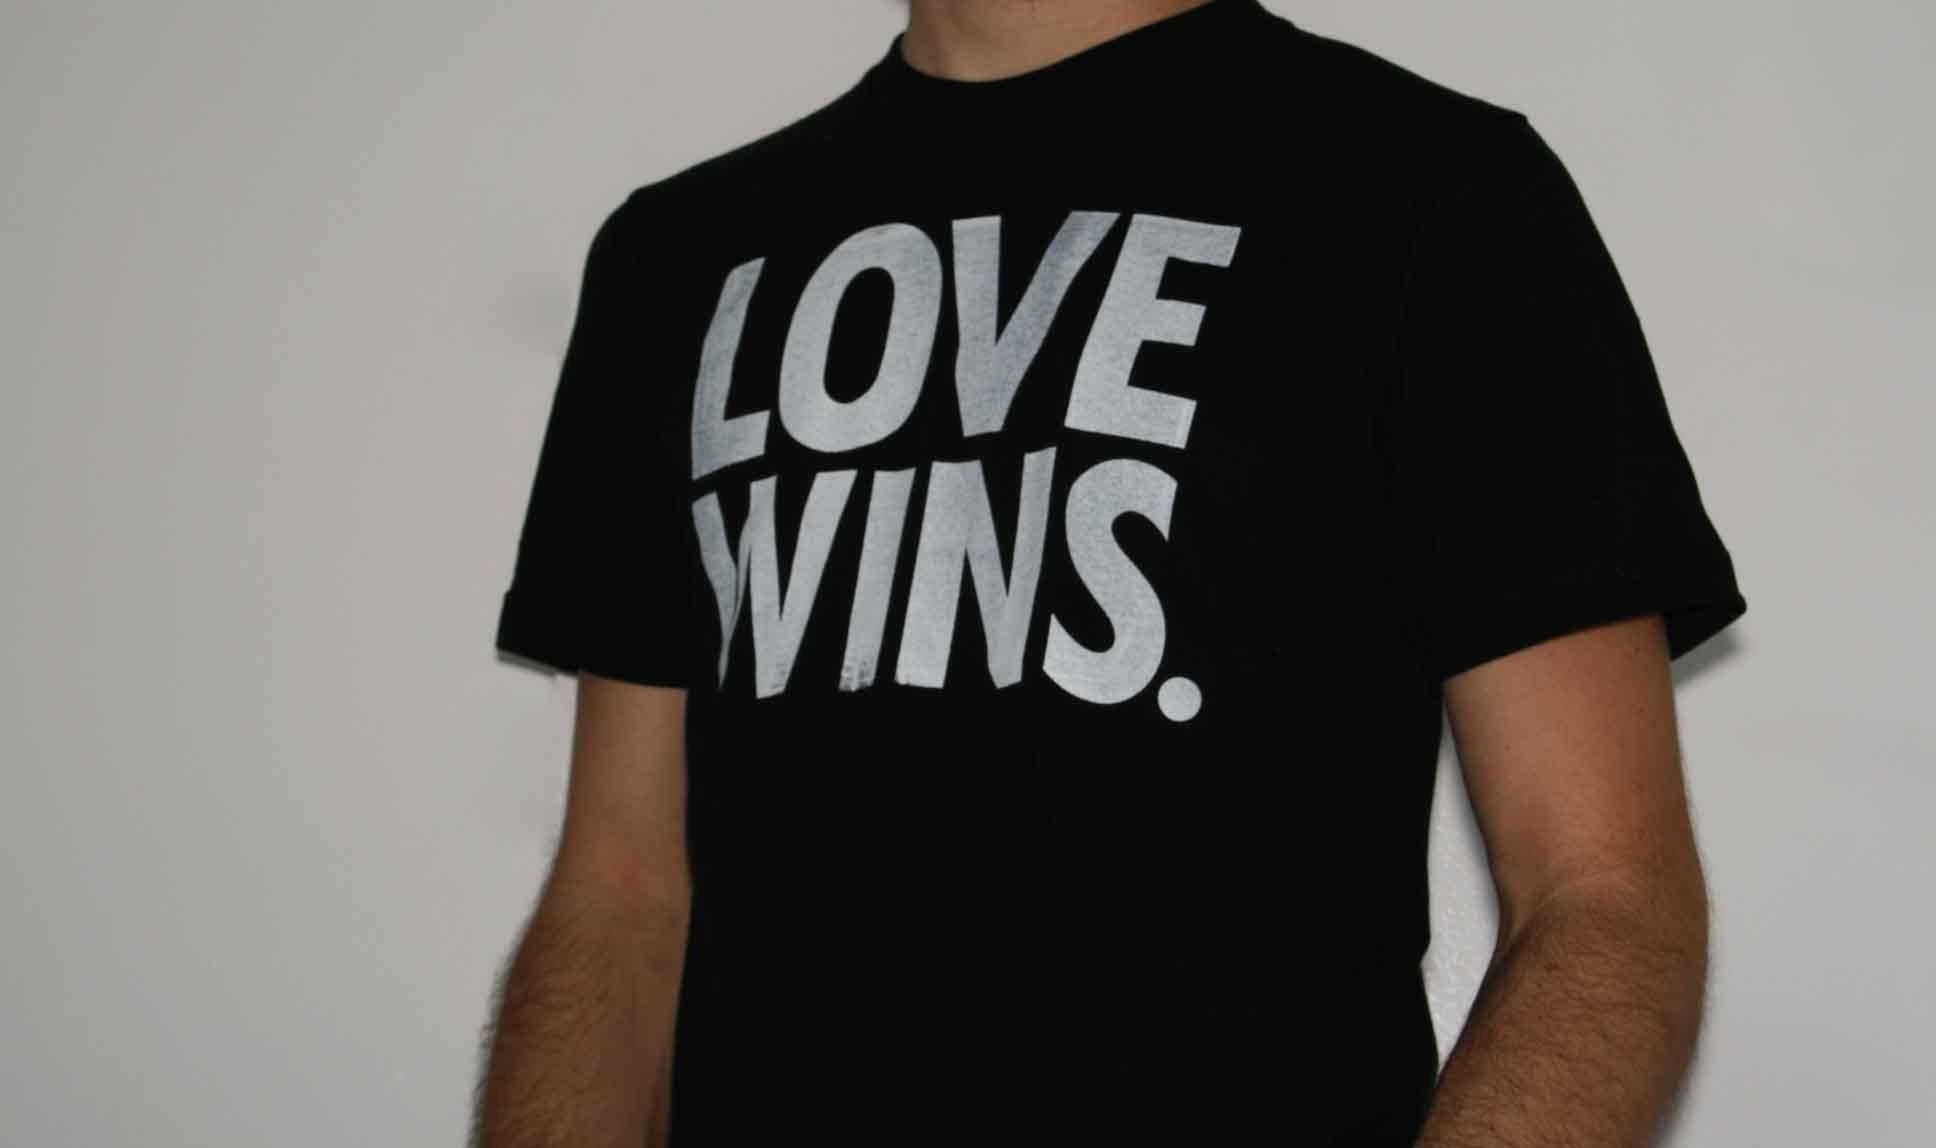 LOVE WINS Period. Tee Mens American Apparel Black S/M/L/XL.